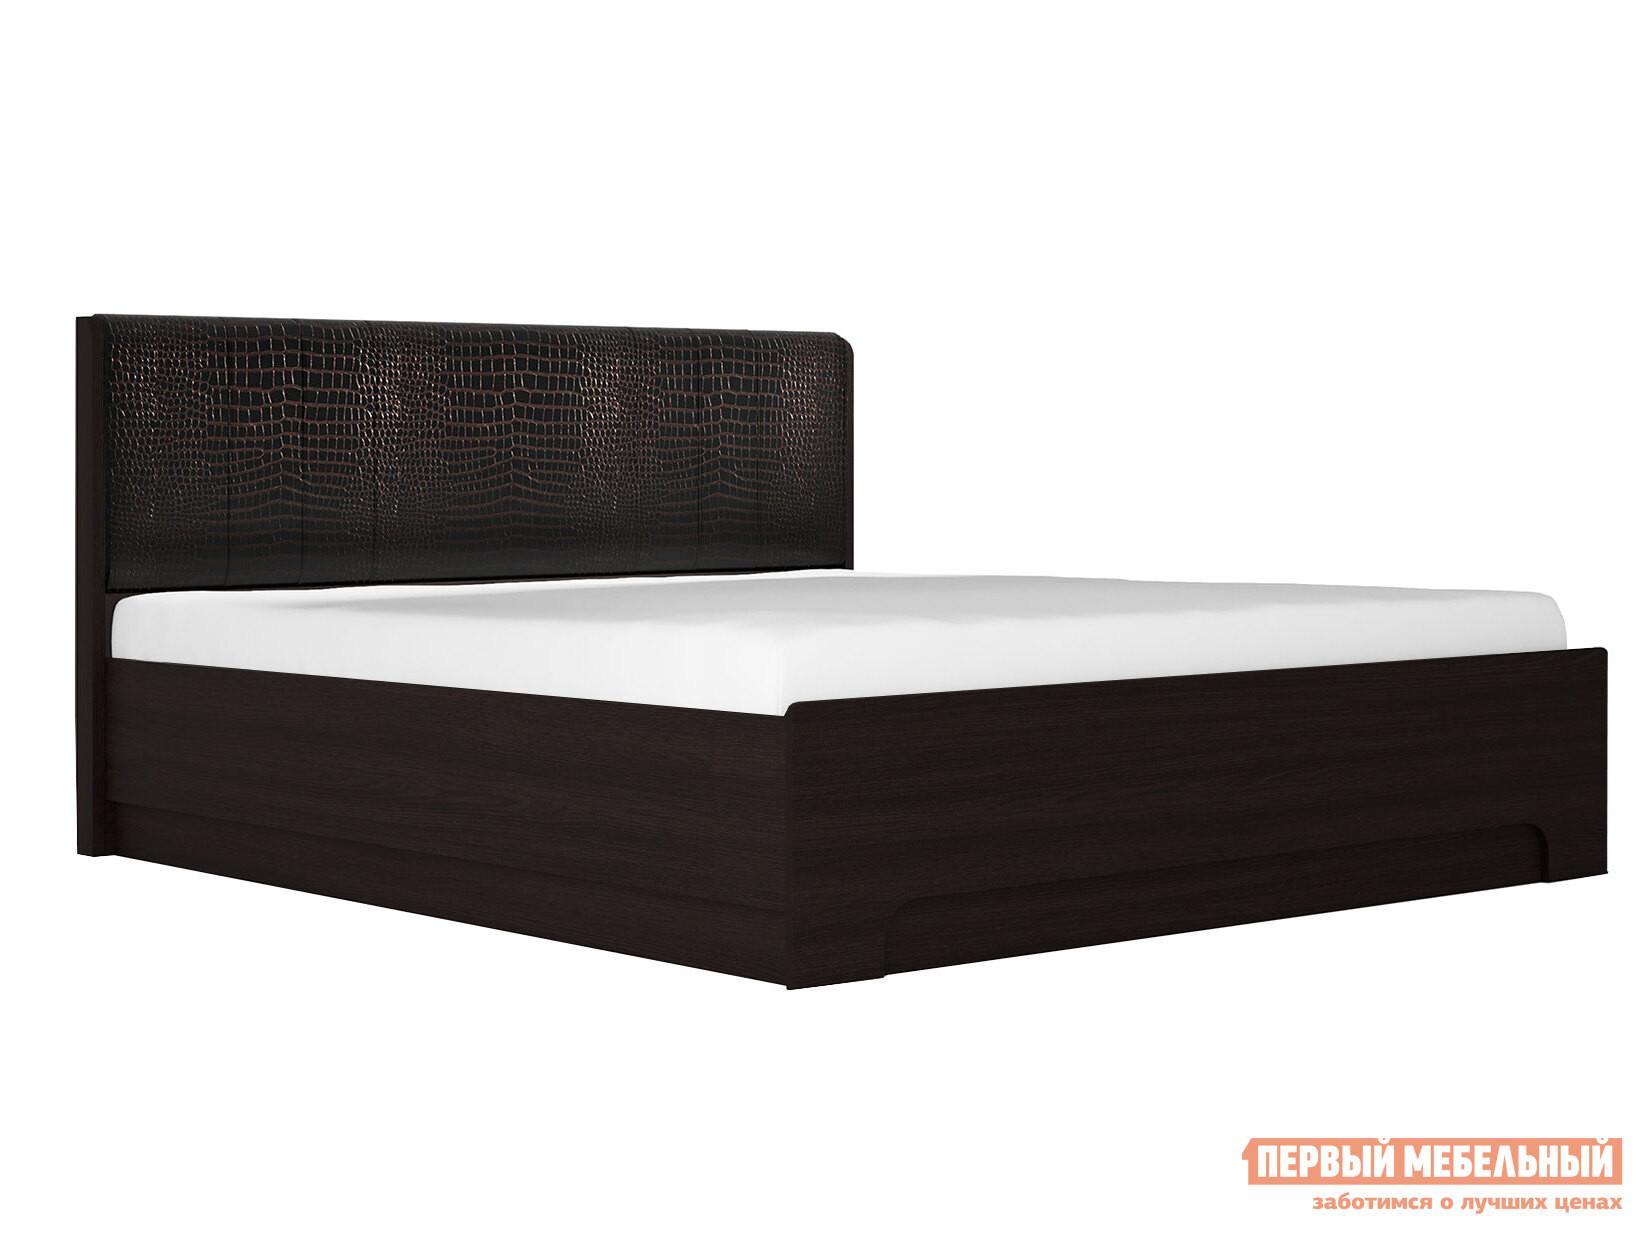 Кровать Первый Мебельный Кровать Парма 2 / Кровать с подъемным механизмом Парма 2